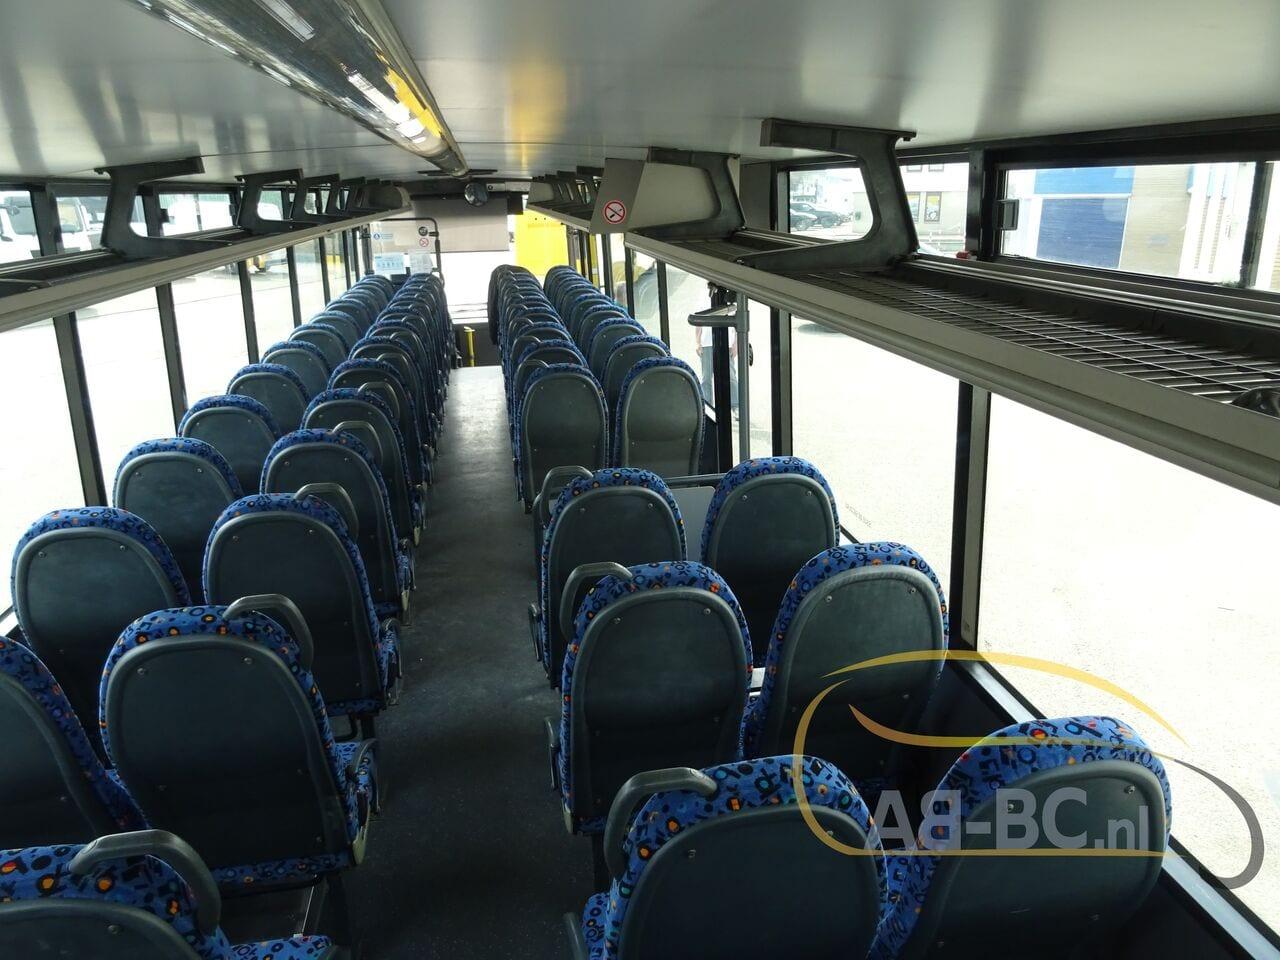 interurban-busMAN-Fast-64-seats---1619620015528503785_big_035dc930dfe4b24c715f672f1db3b0e9--21042817163019598600